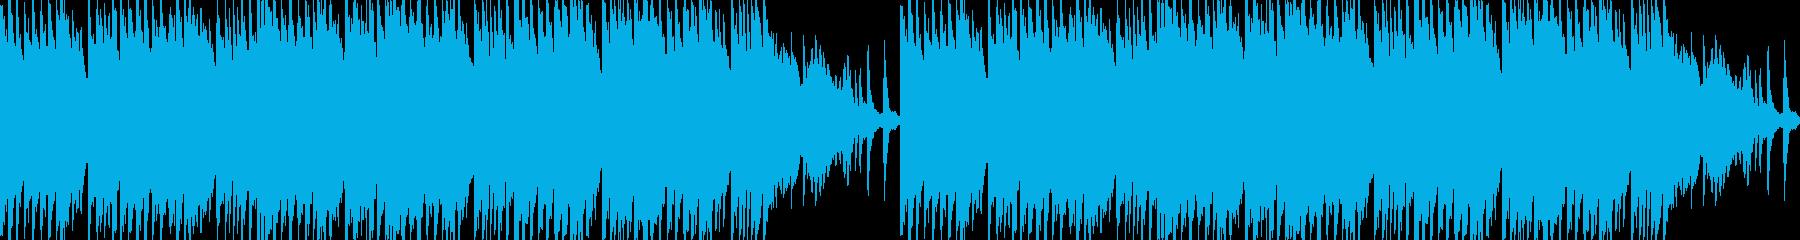 ピアノとフルートの切ないループBGMの再生済みの波形